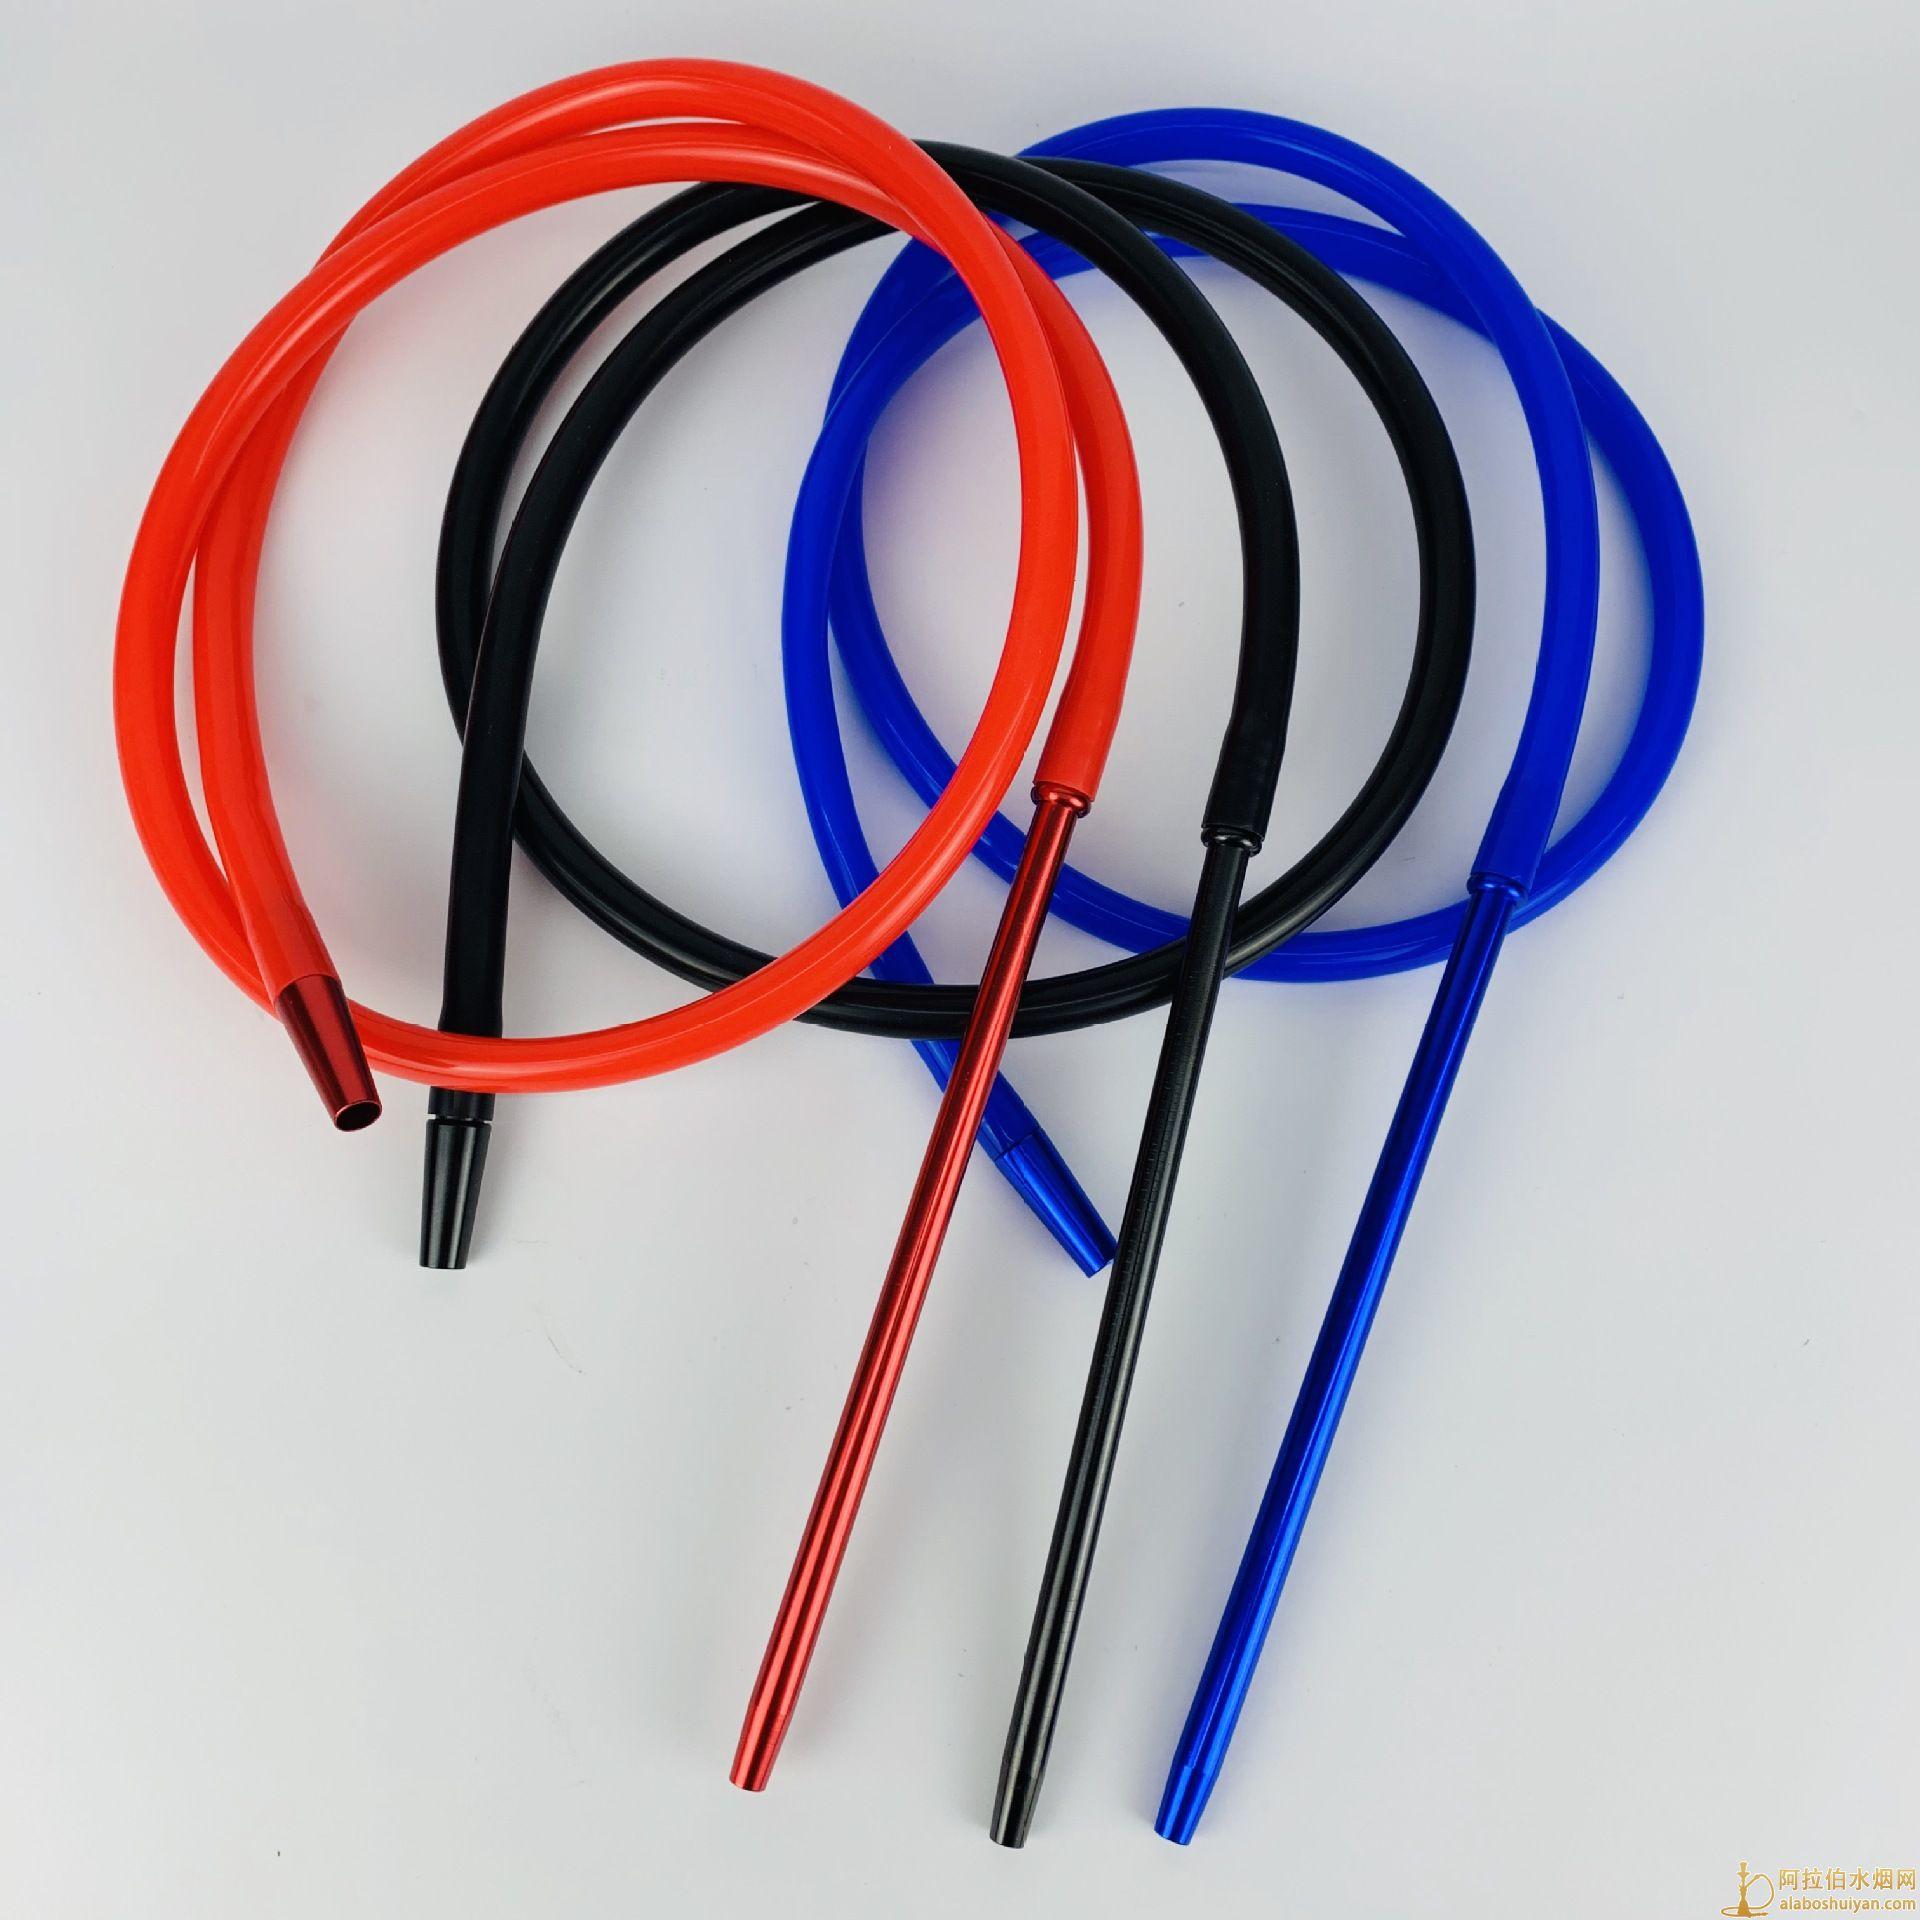 阿拉伯水烟铝手柄硅胶吸管1.8米长图片价格批发多少钱